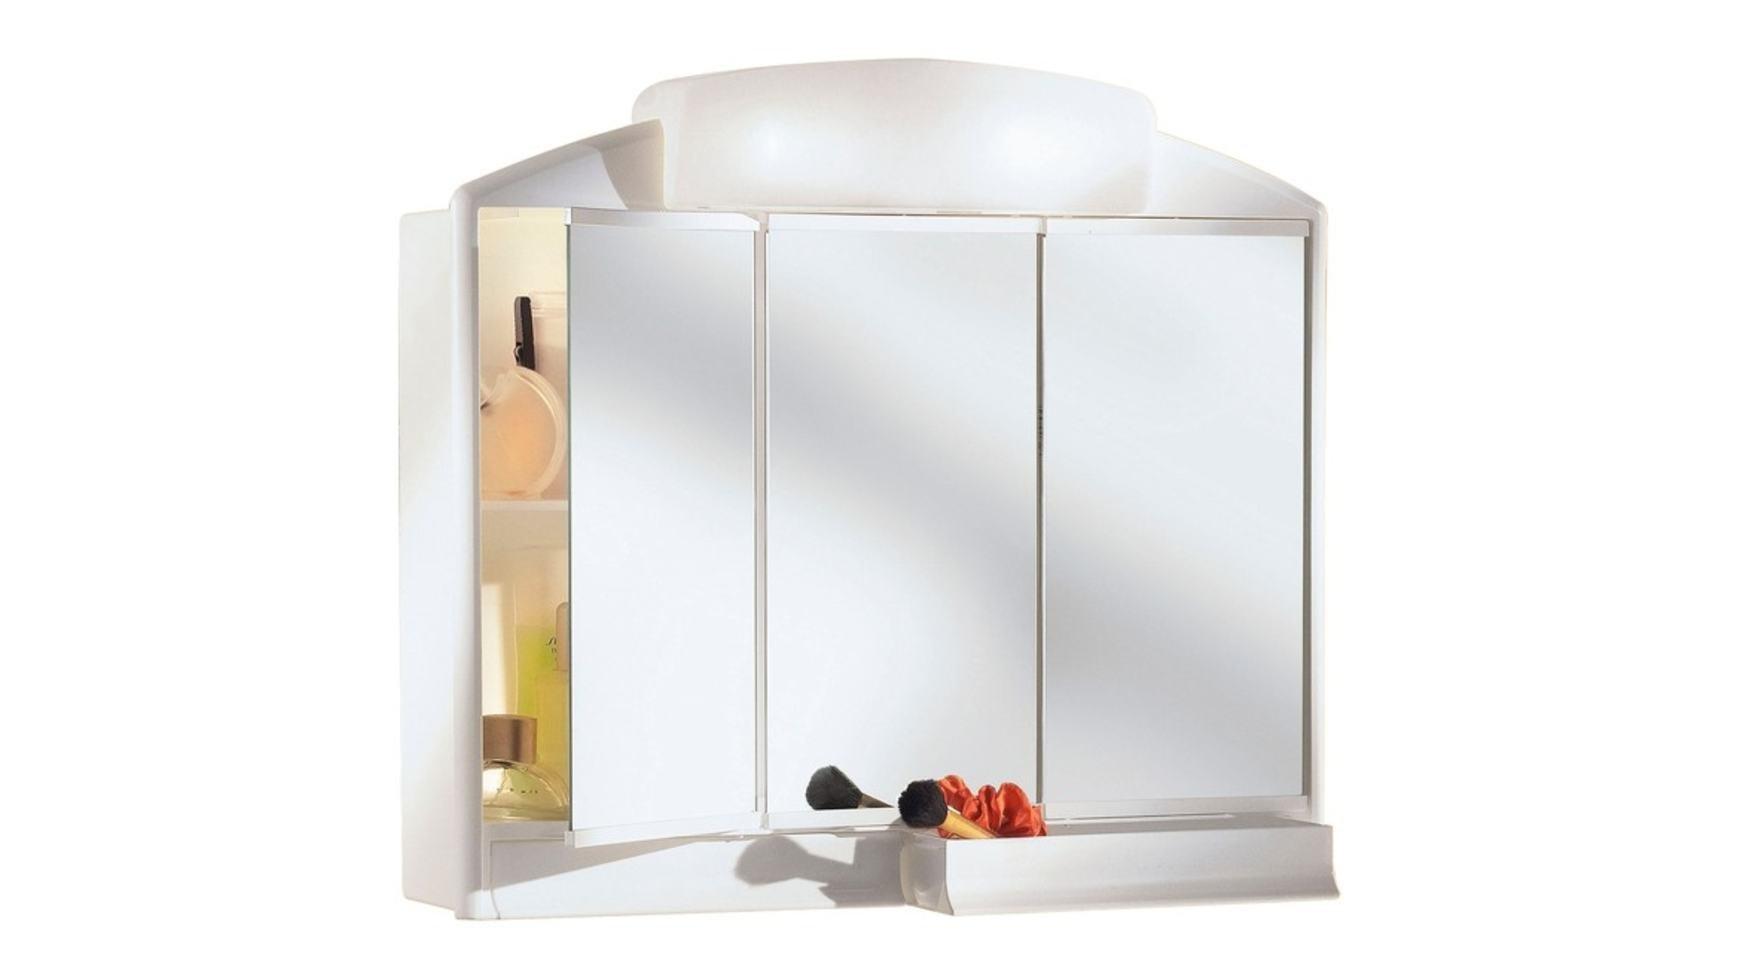 Jokey M256634 - Armario baño 3 Puertas con luz Rando product image